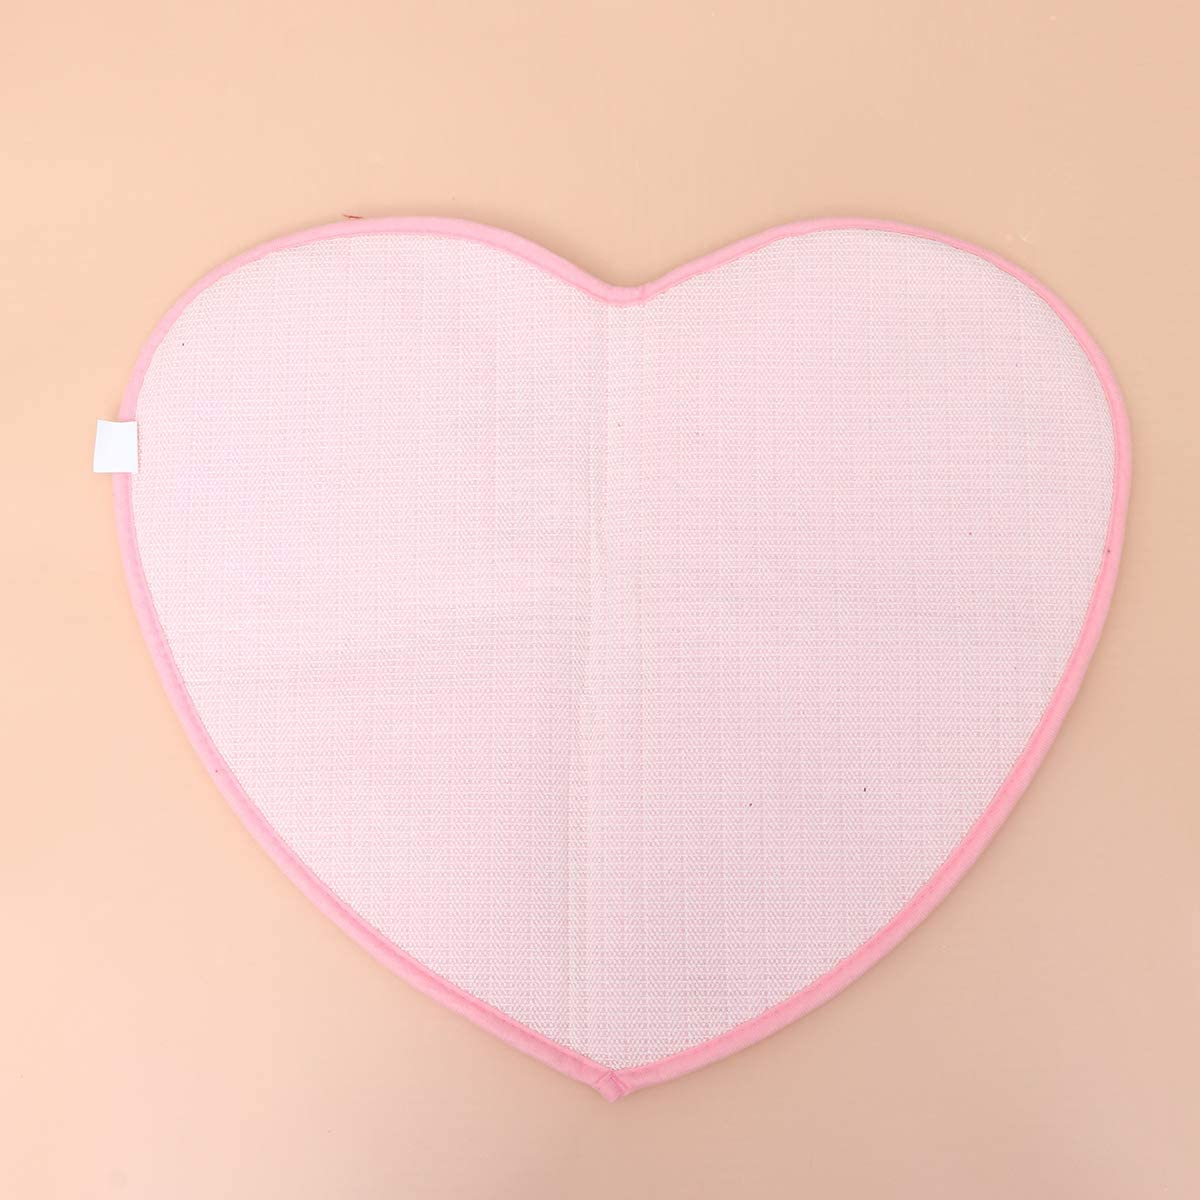 rosa 50 60 cm Carino amore cuore a forma di antiscivolo morbida microfibra ciniglia soffice bagno camera da letto tappeto tappeto tappeto